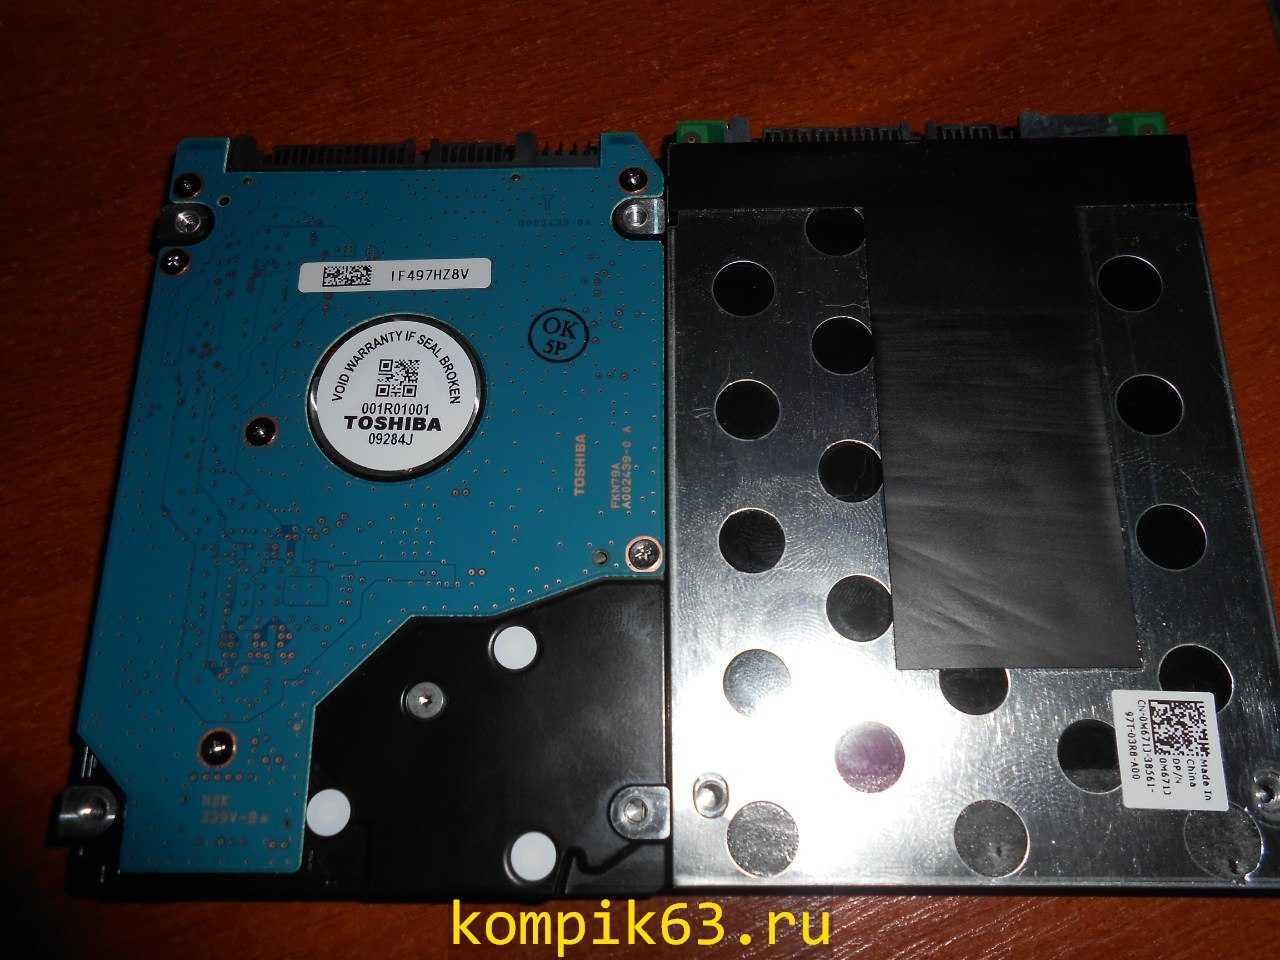 kompik63.ru-165